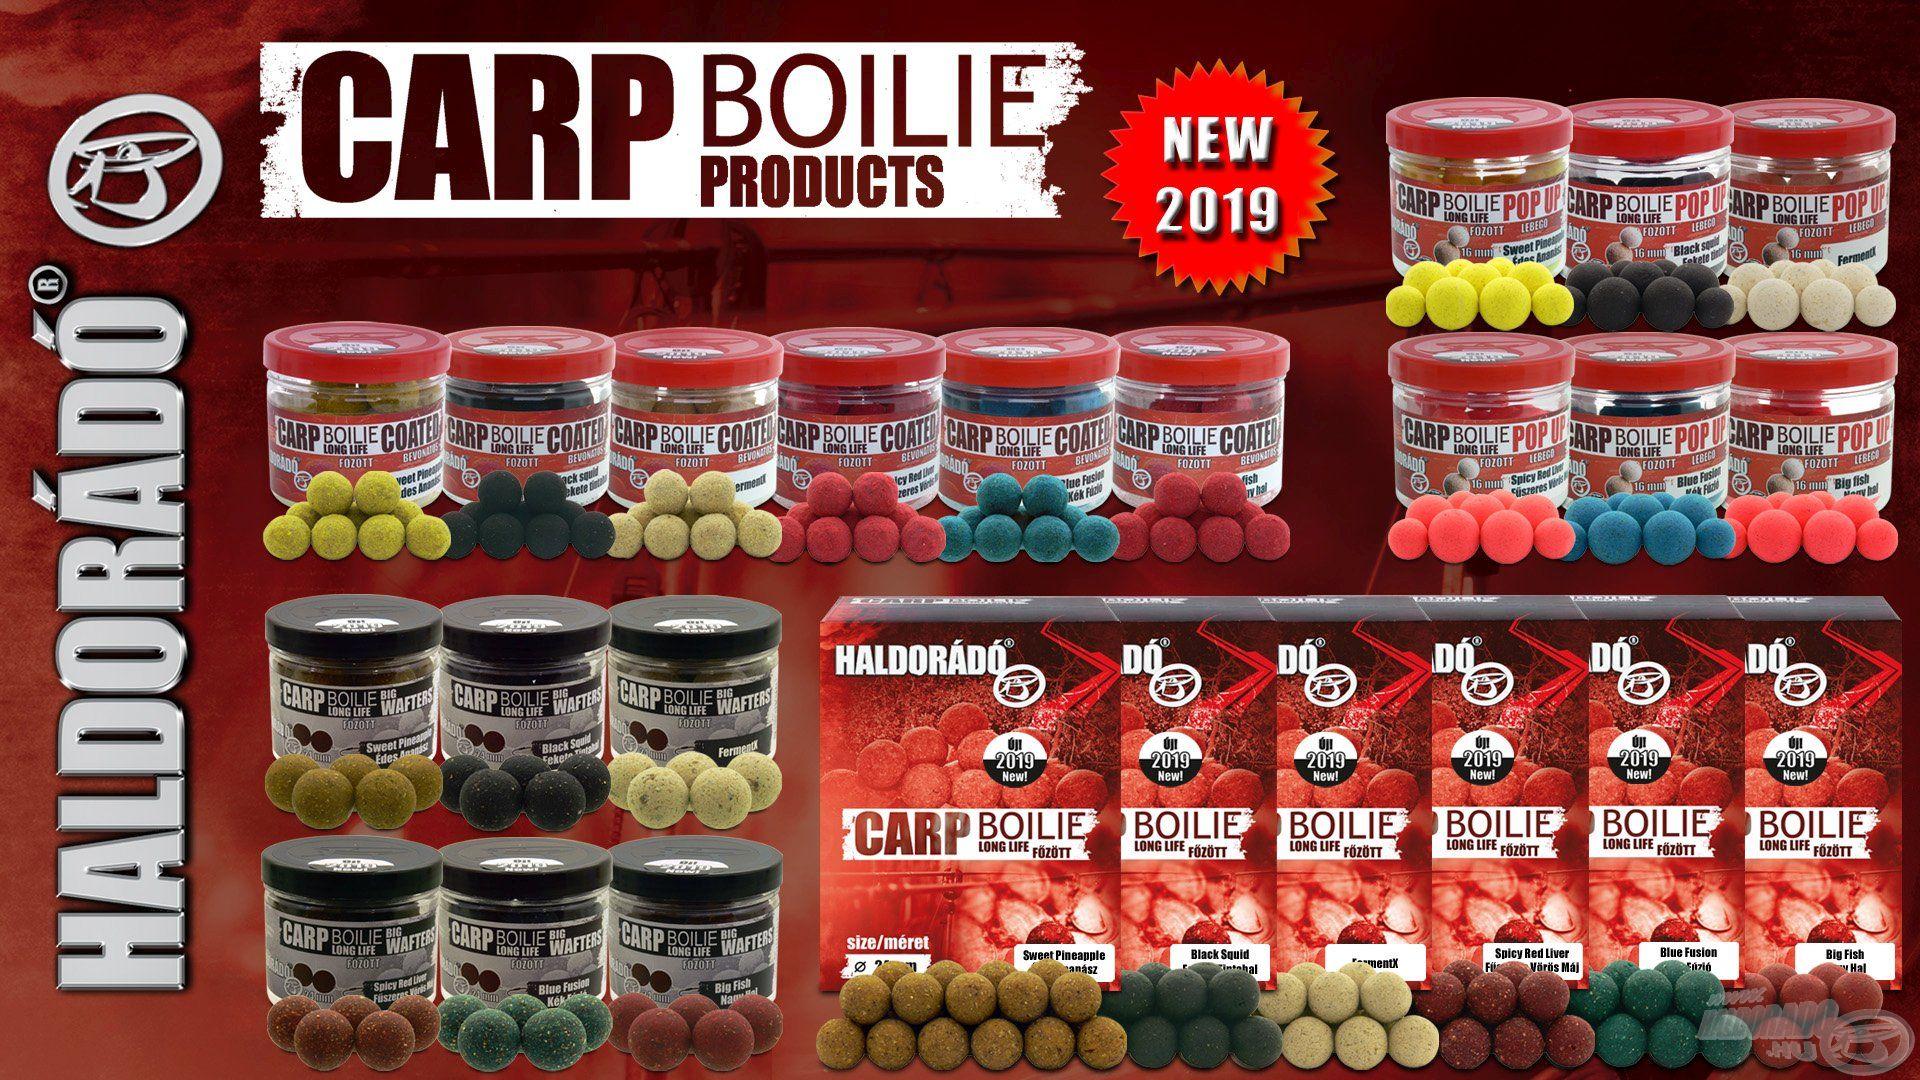 A teljes Haldorádó Carp Boilie termékcsalád megújult és még jobb lett!